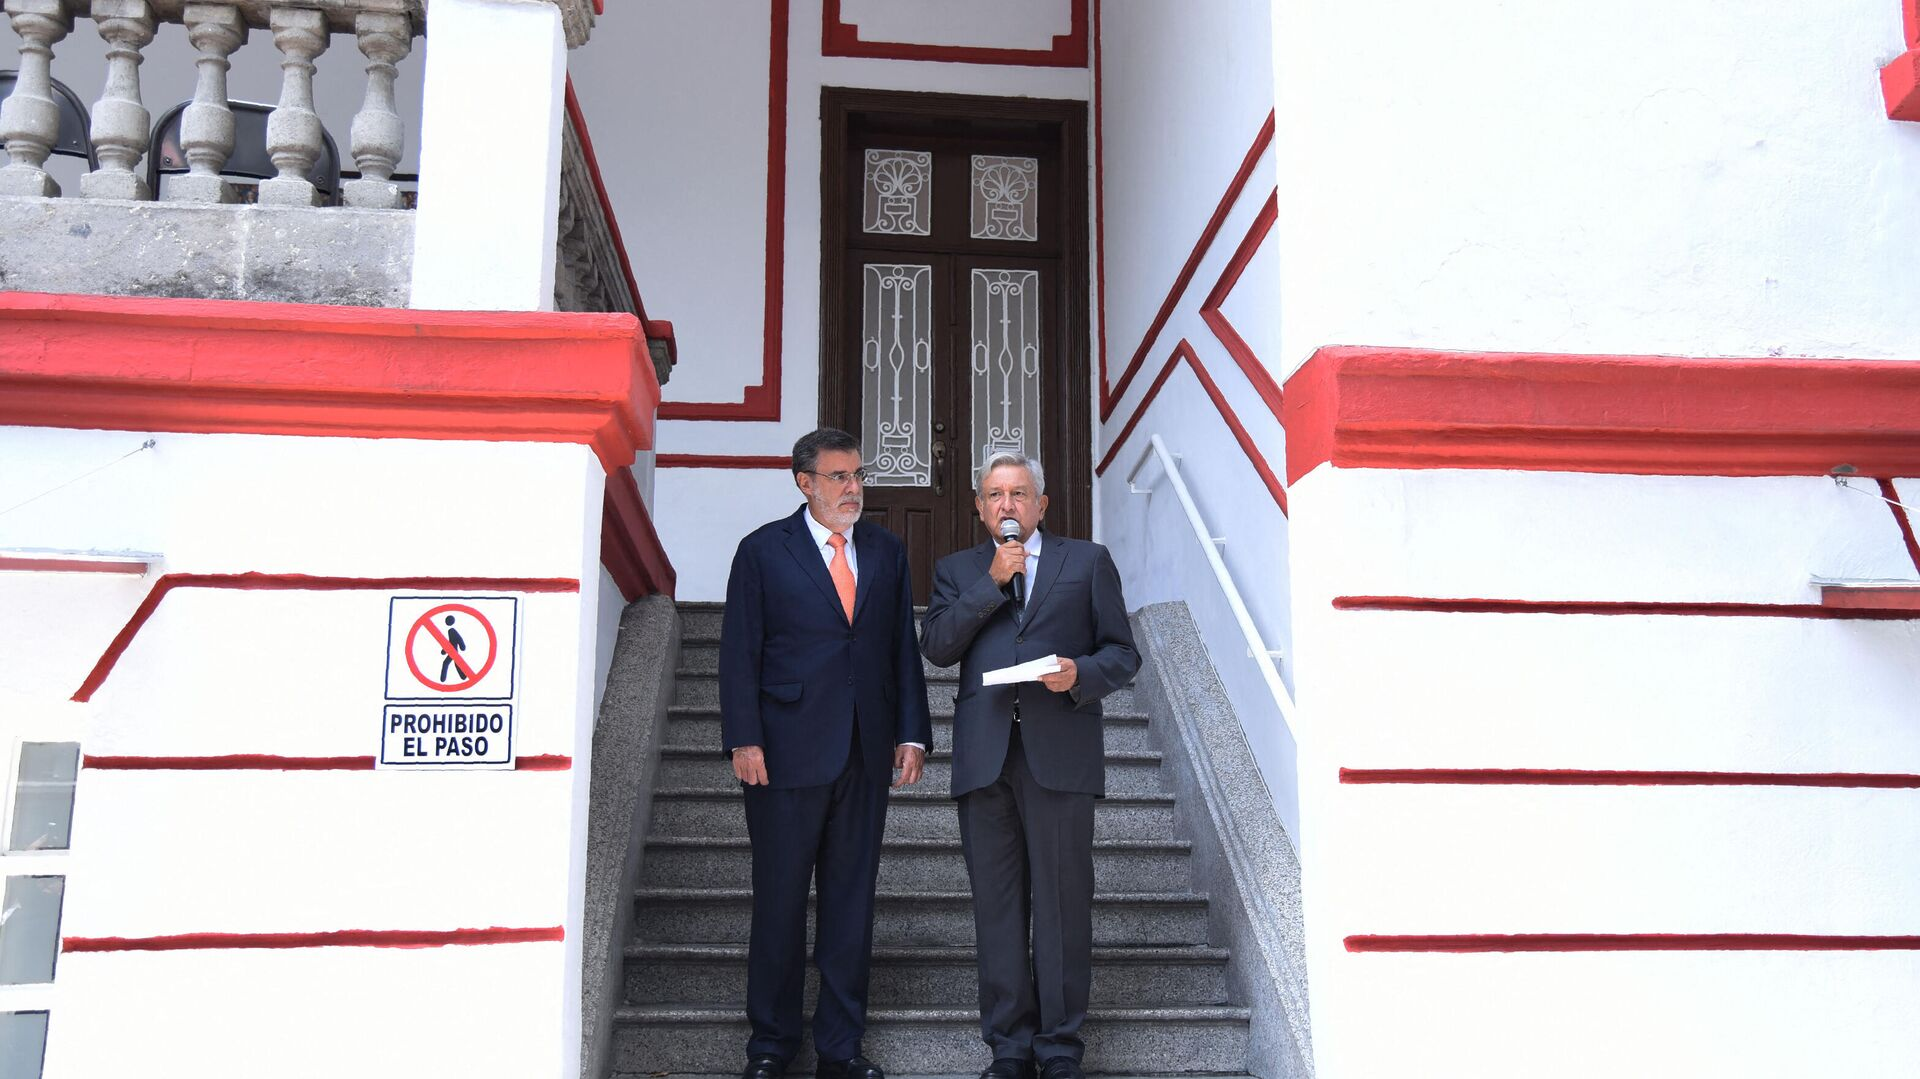 El presidente de México, Andrés Manuel López Obrador, (derecha) y el consejero jurídico de la Presidencia, Julio Scherer Ibarra (izquierda)  - Sputnik Mundo, 1920, 01.09.2021